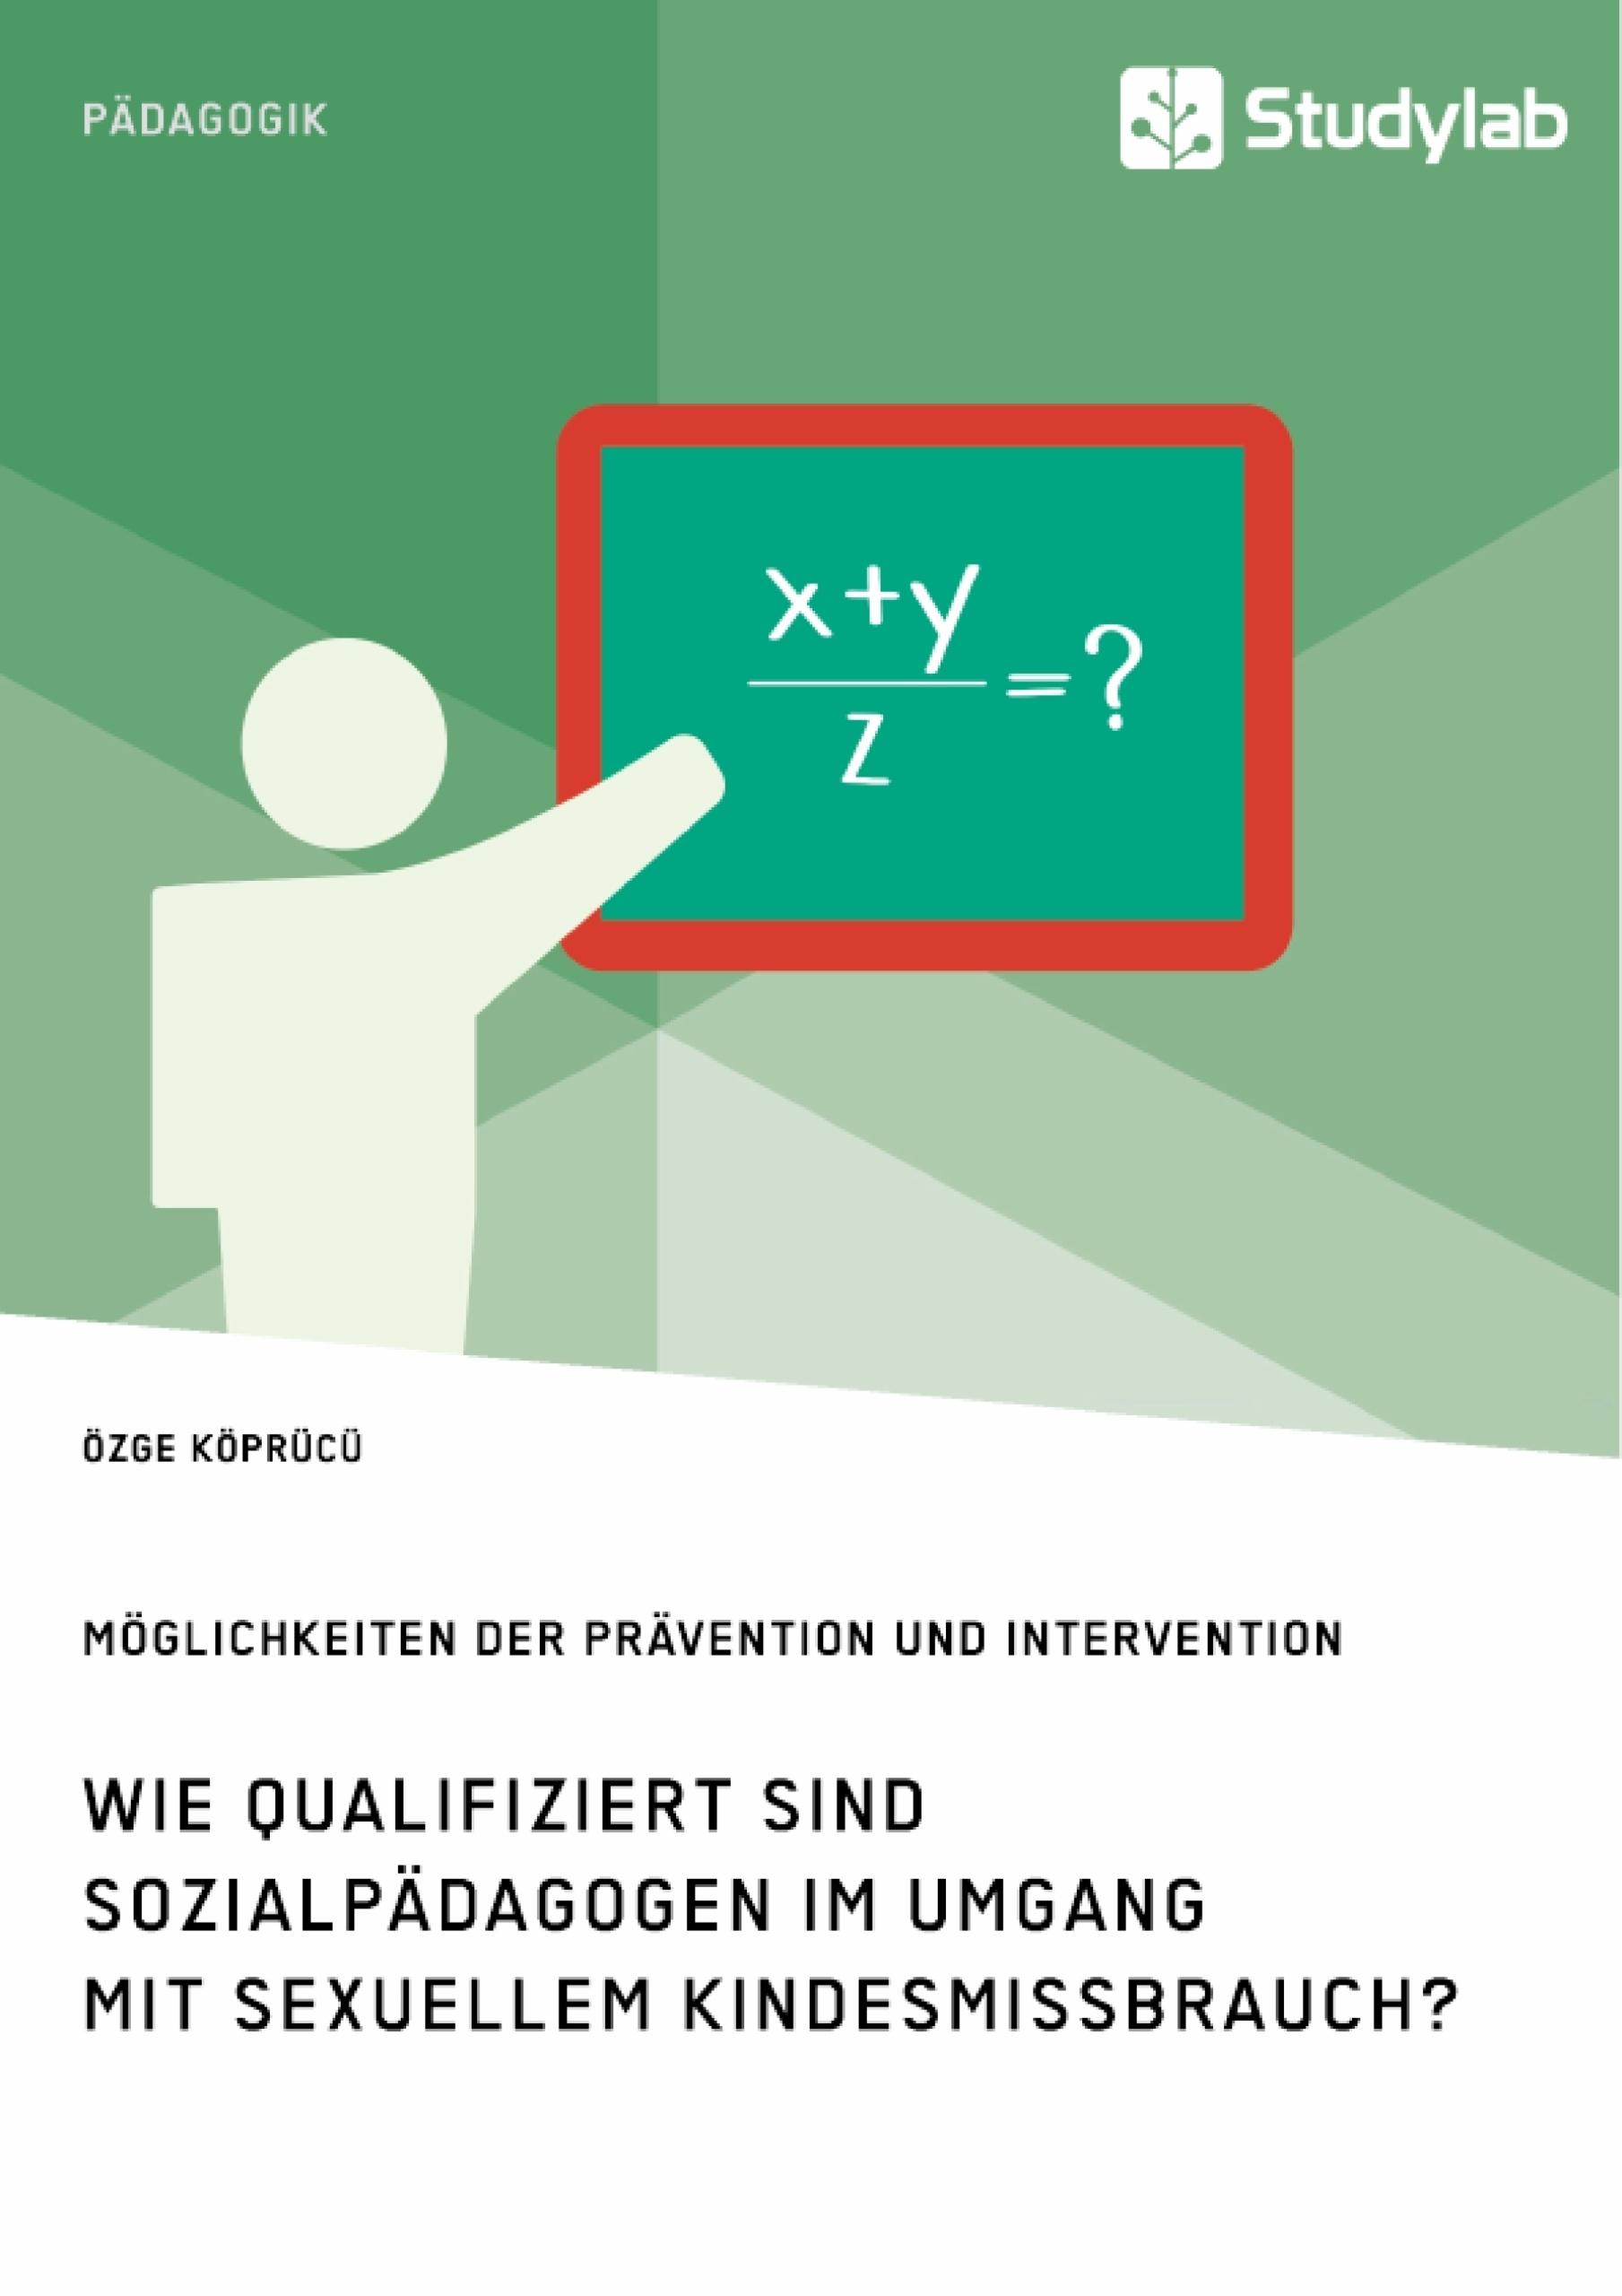 Titel: Wie qualifiziert sind Sozialpädagogen im Umgang mit sexuellem Kindesmissbrauch? Möglichkeiten der Prävention und Intervention